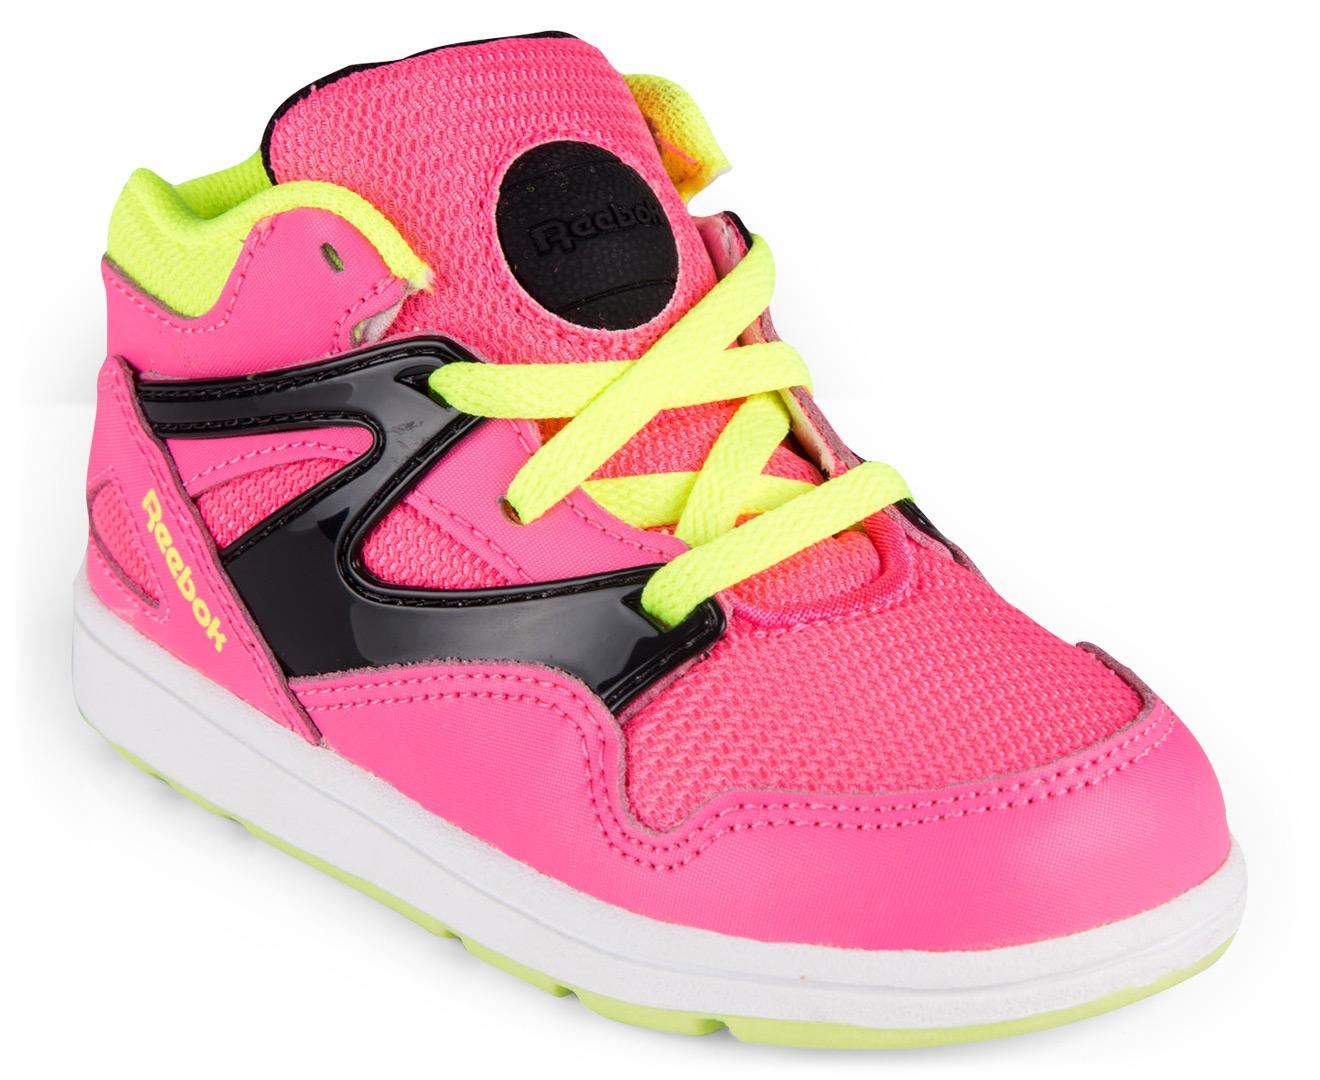 2b766a45d1e Reebok Toddler  Versa Pump Omni Lite Shoe - Pink Black Yellow White